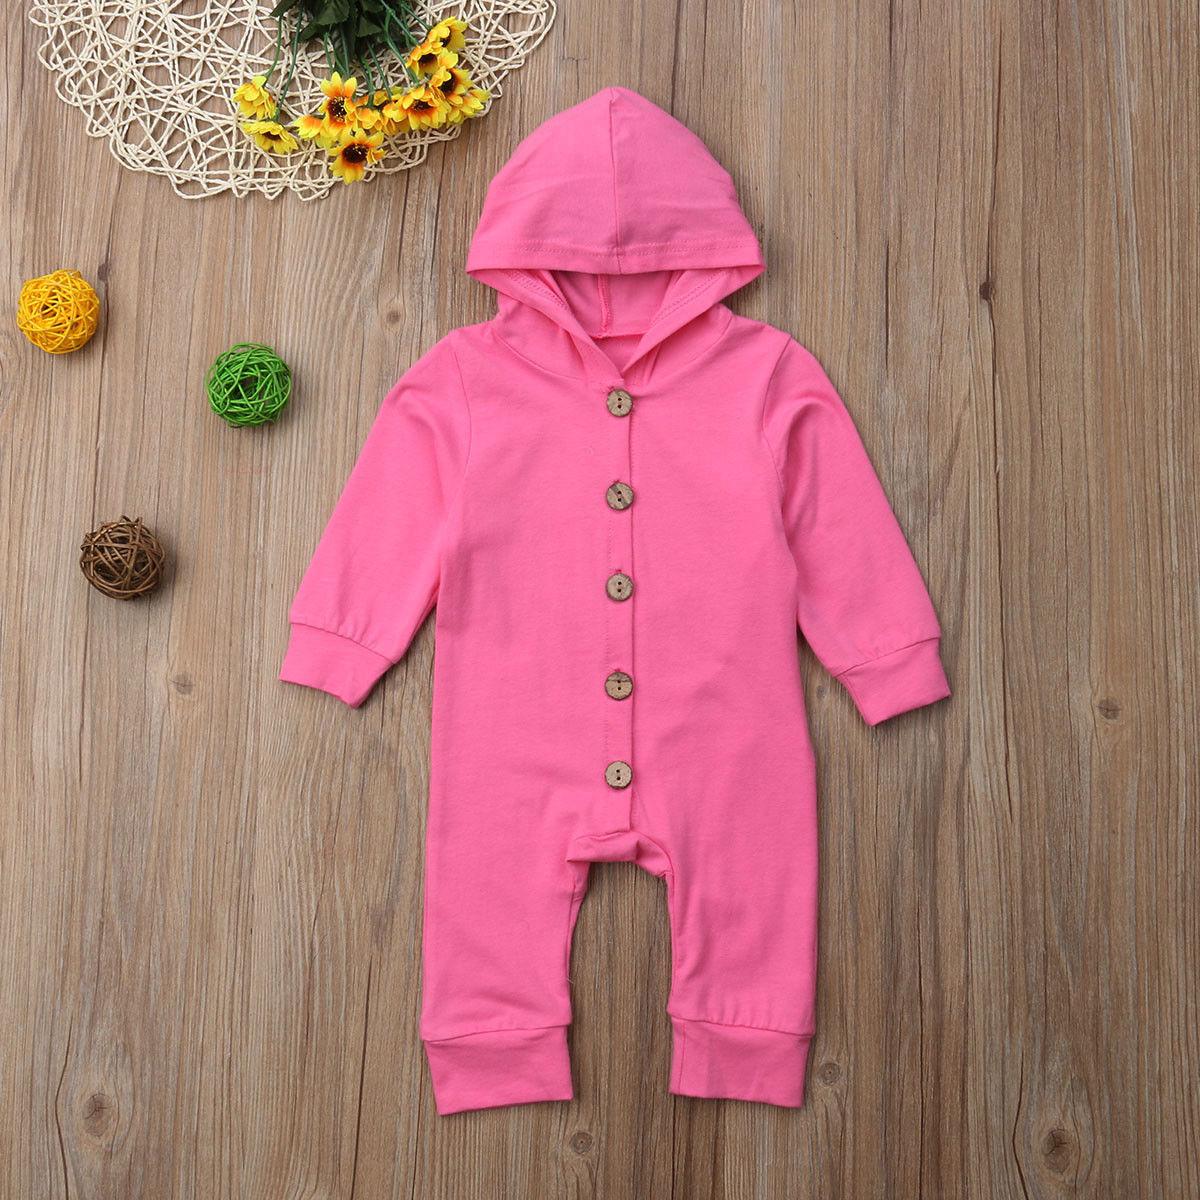 0-2 T Infant Baby Junge Mädchen Hoodie Baumwolle Mit Kapuze Romper Overall Kleidung Outfit Ca Blut NäHren Und Geist Einstellen